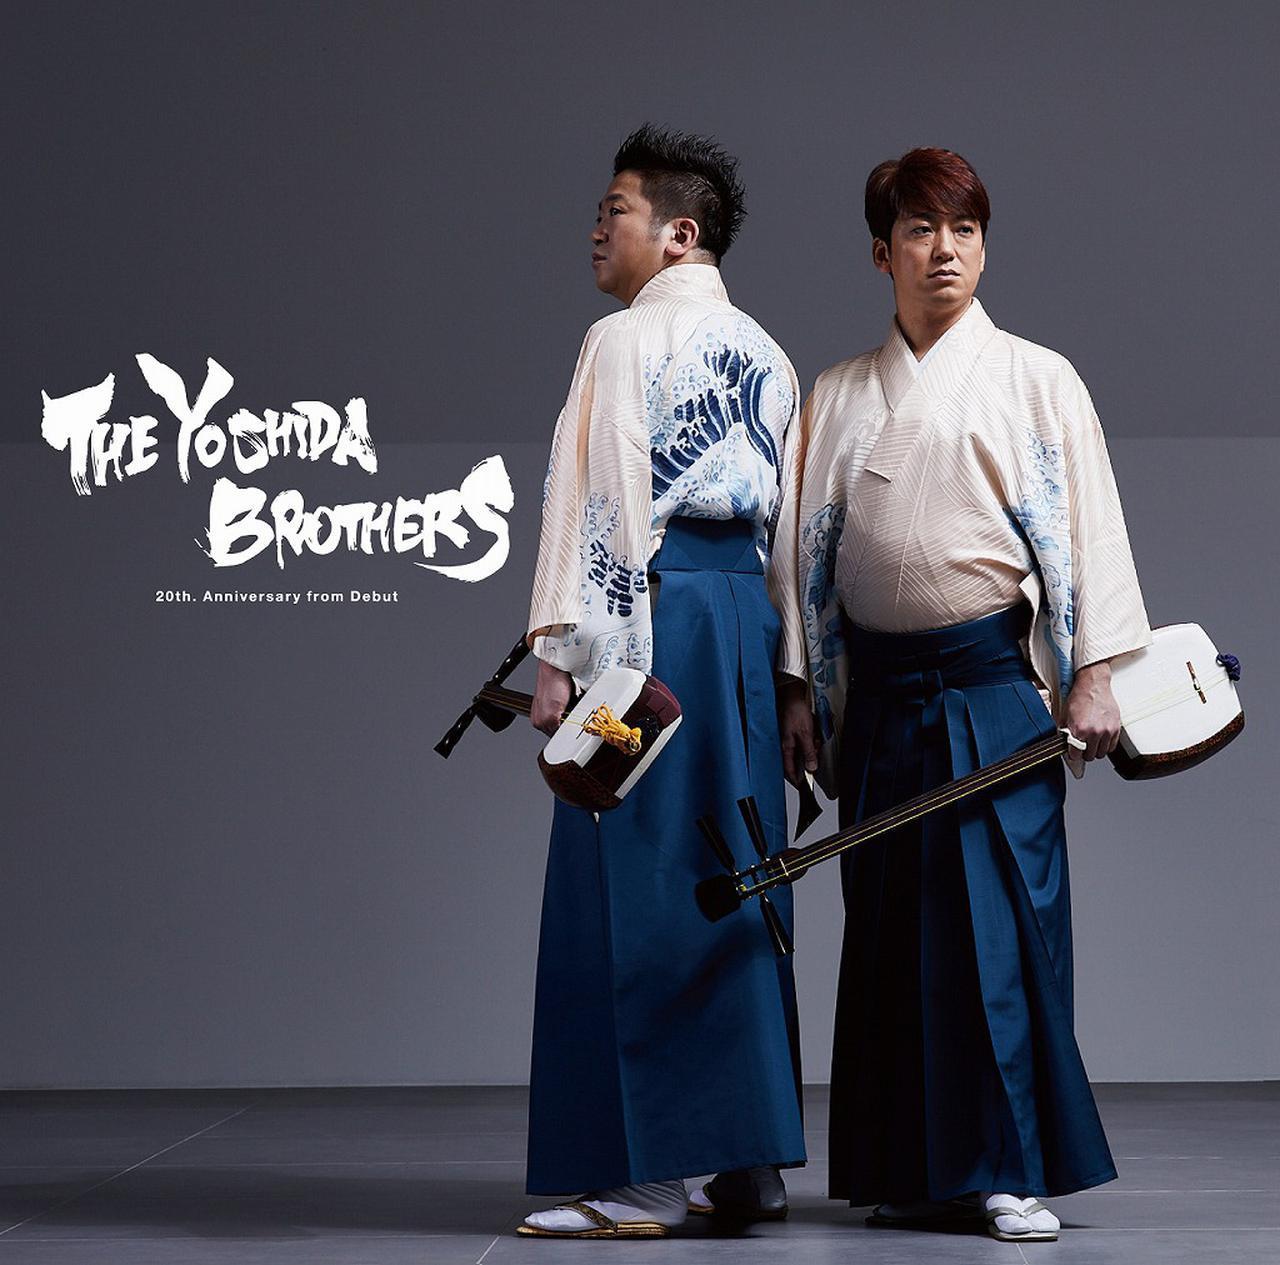 画像: THE YOSHIDA BROTHERS 〜20th. Anniversary from Debut〜 / 吉田兄弟